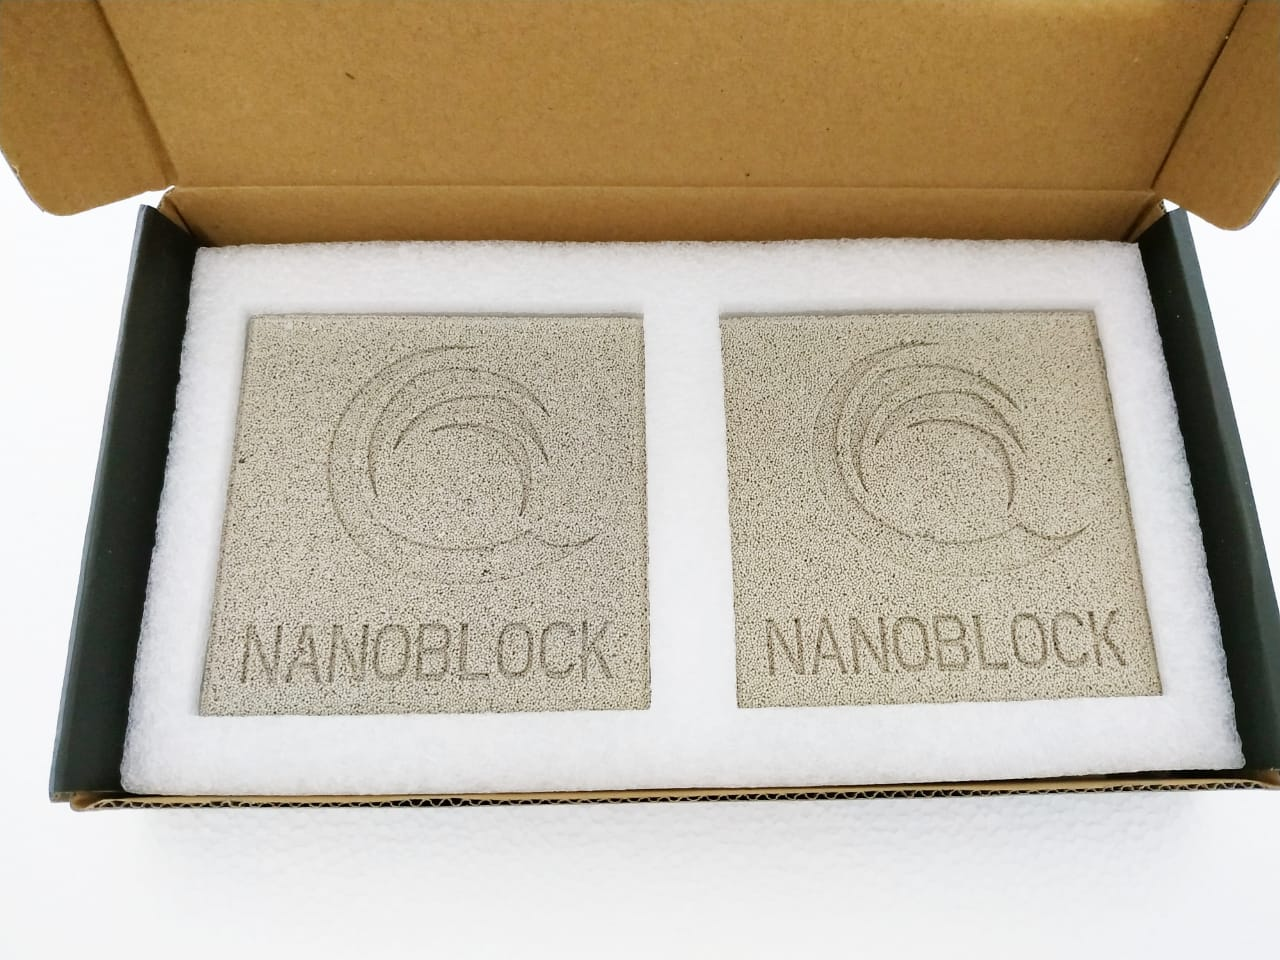 Mídia Biológica Nano Block 10x10x2,5cm 2un Trata 2800 Litros  - FISHPET Comércio de Acessórios para Animais Ltda.